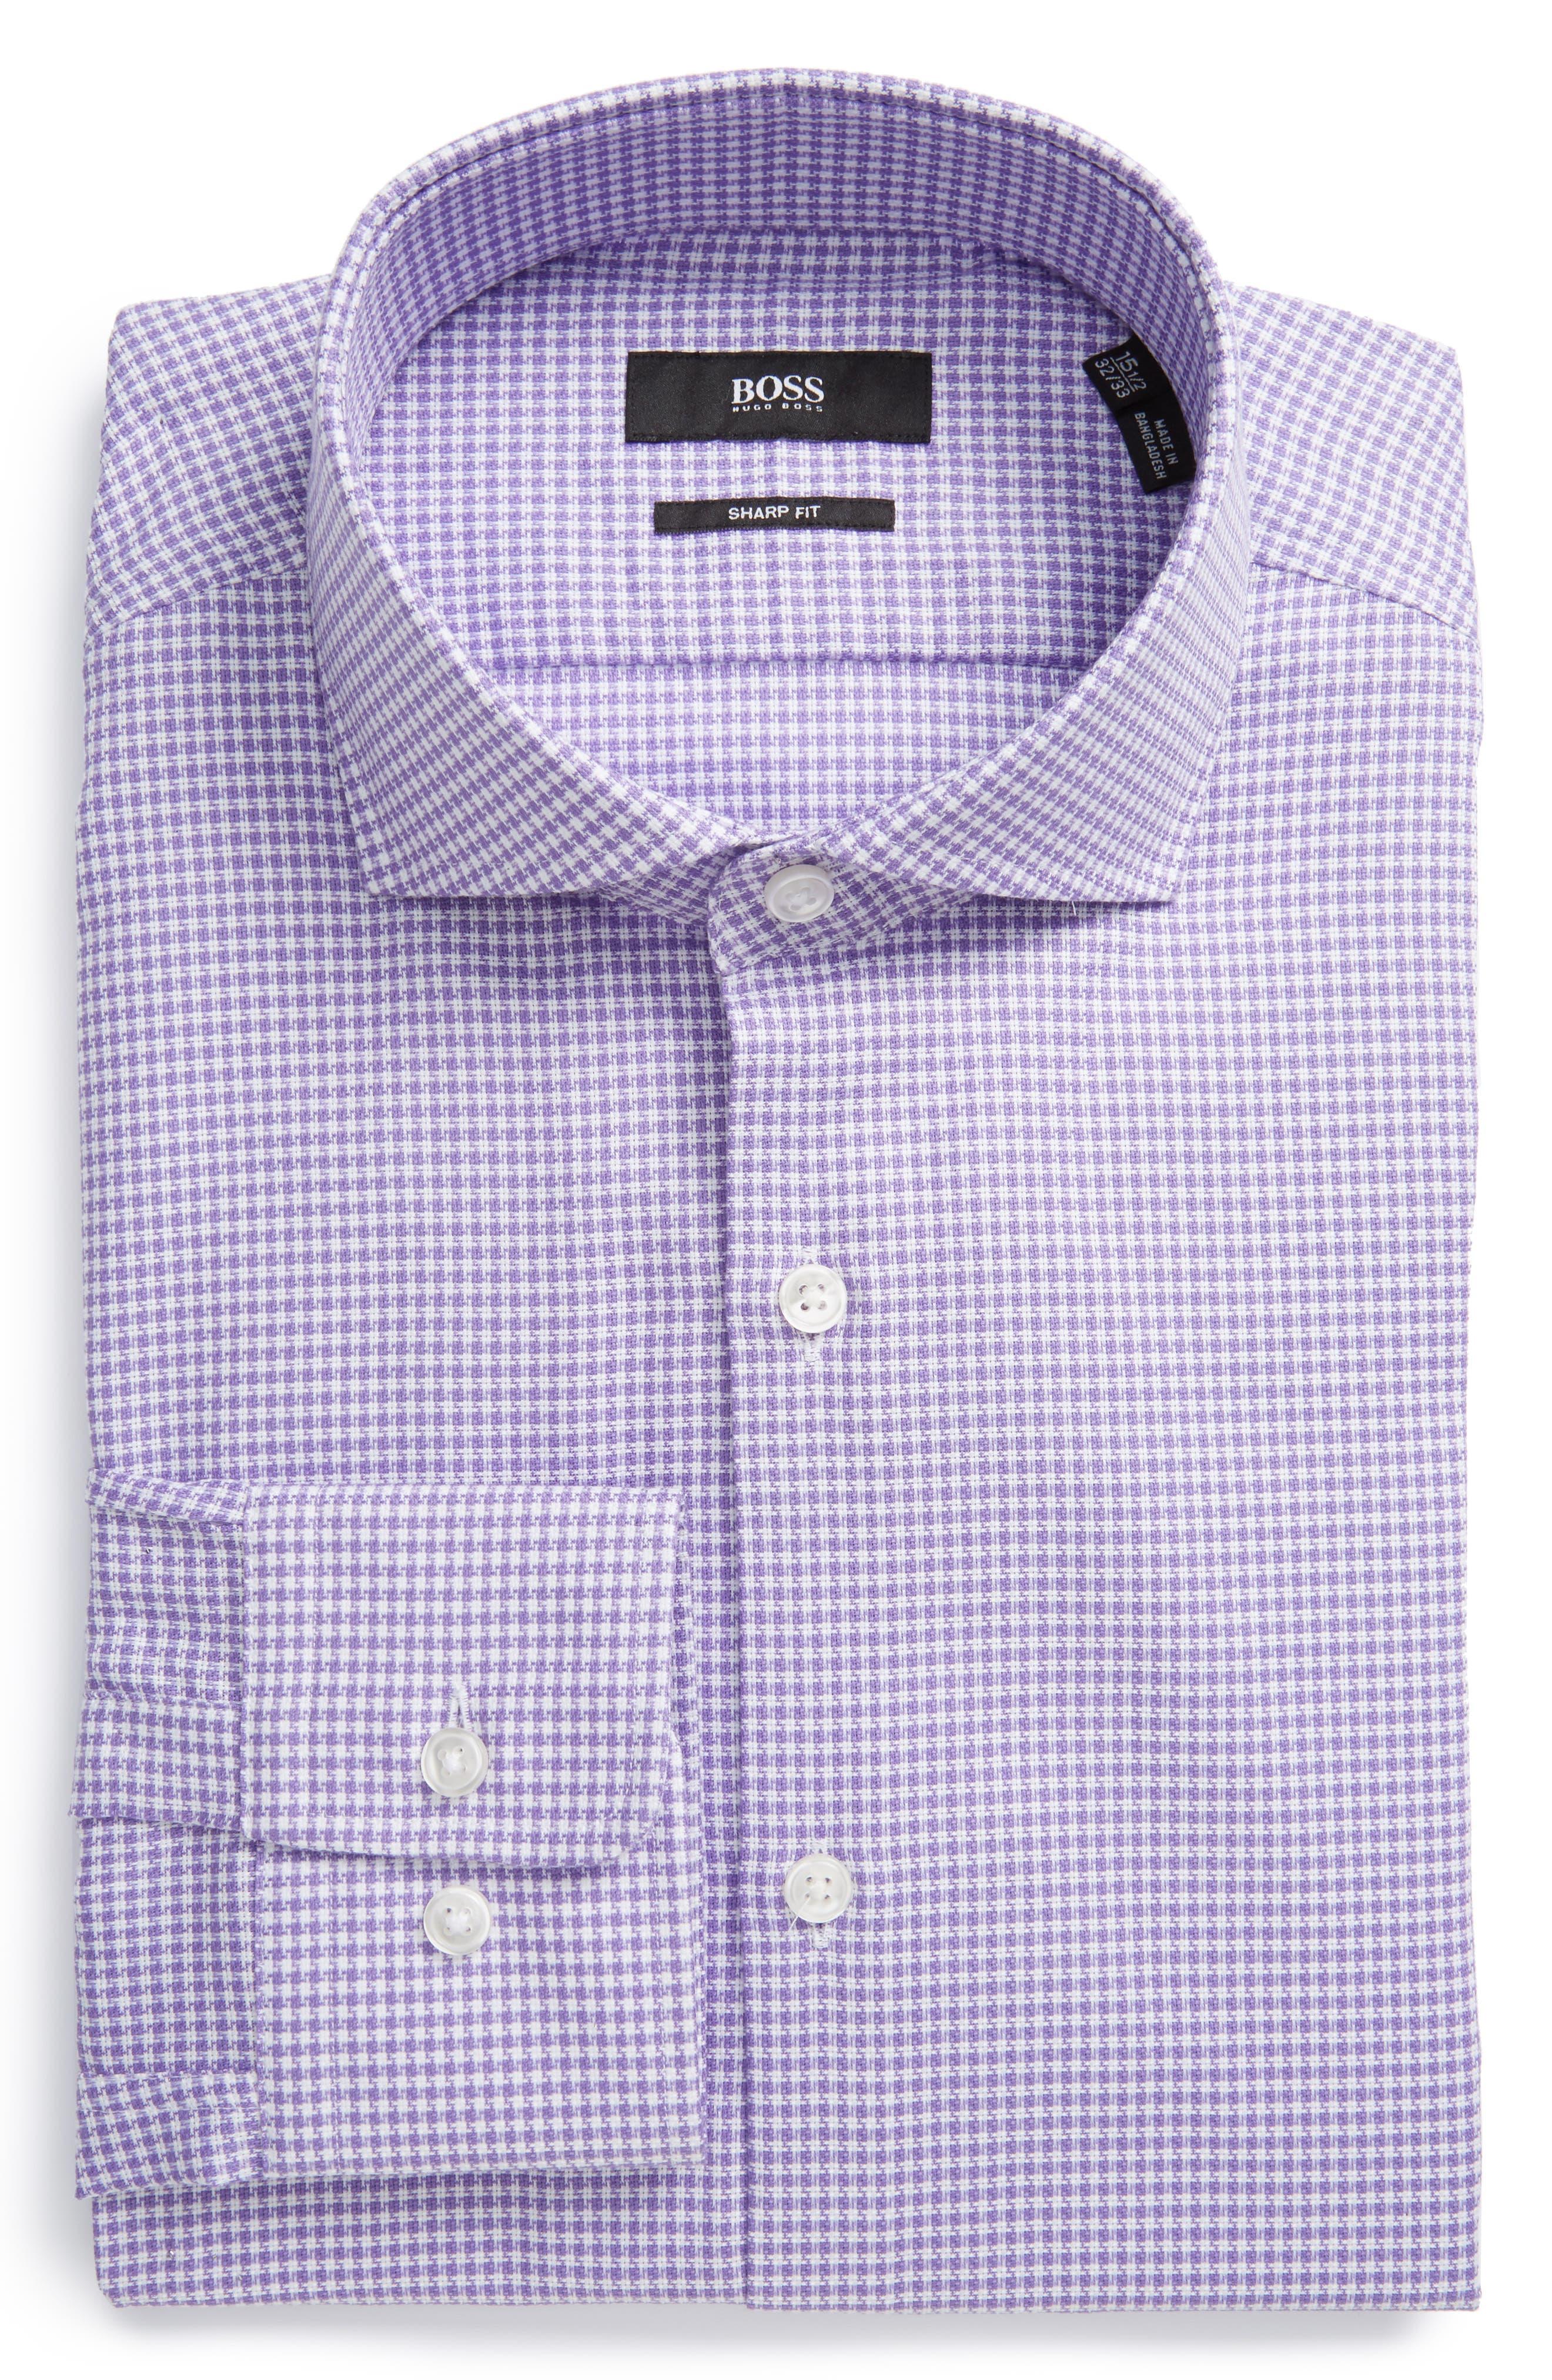 BOSS Sharp Fit Houndstooth Dress Shirt